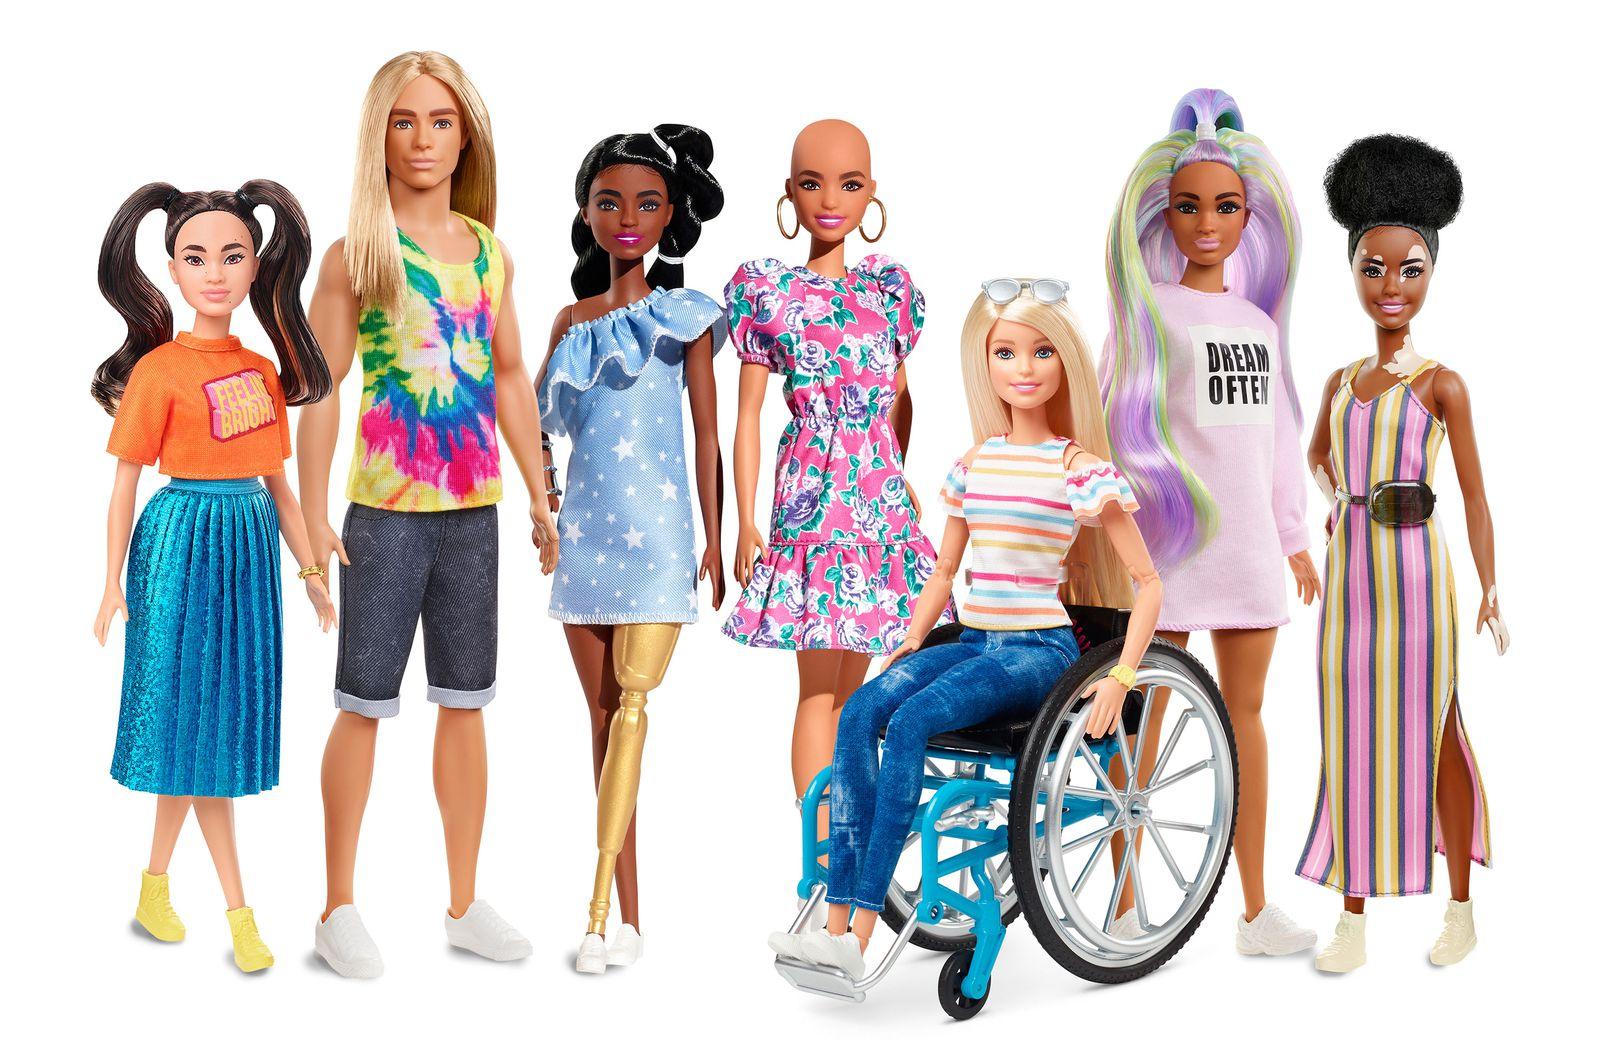 Diverse Barbie's